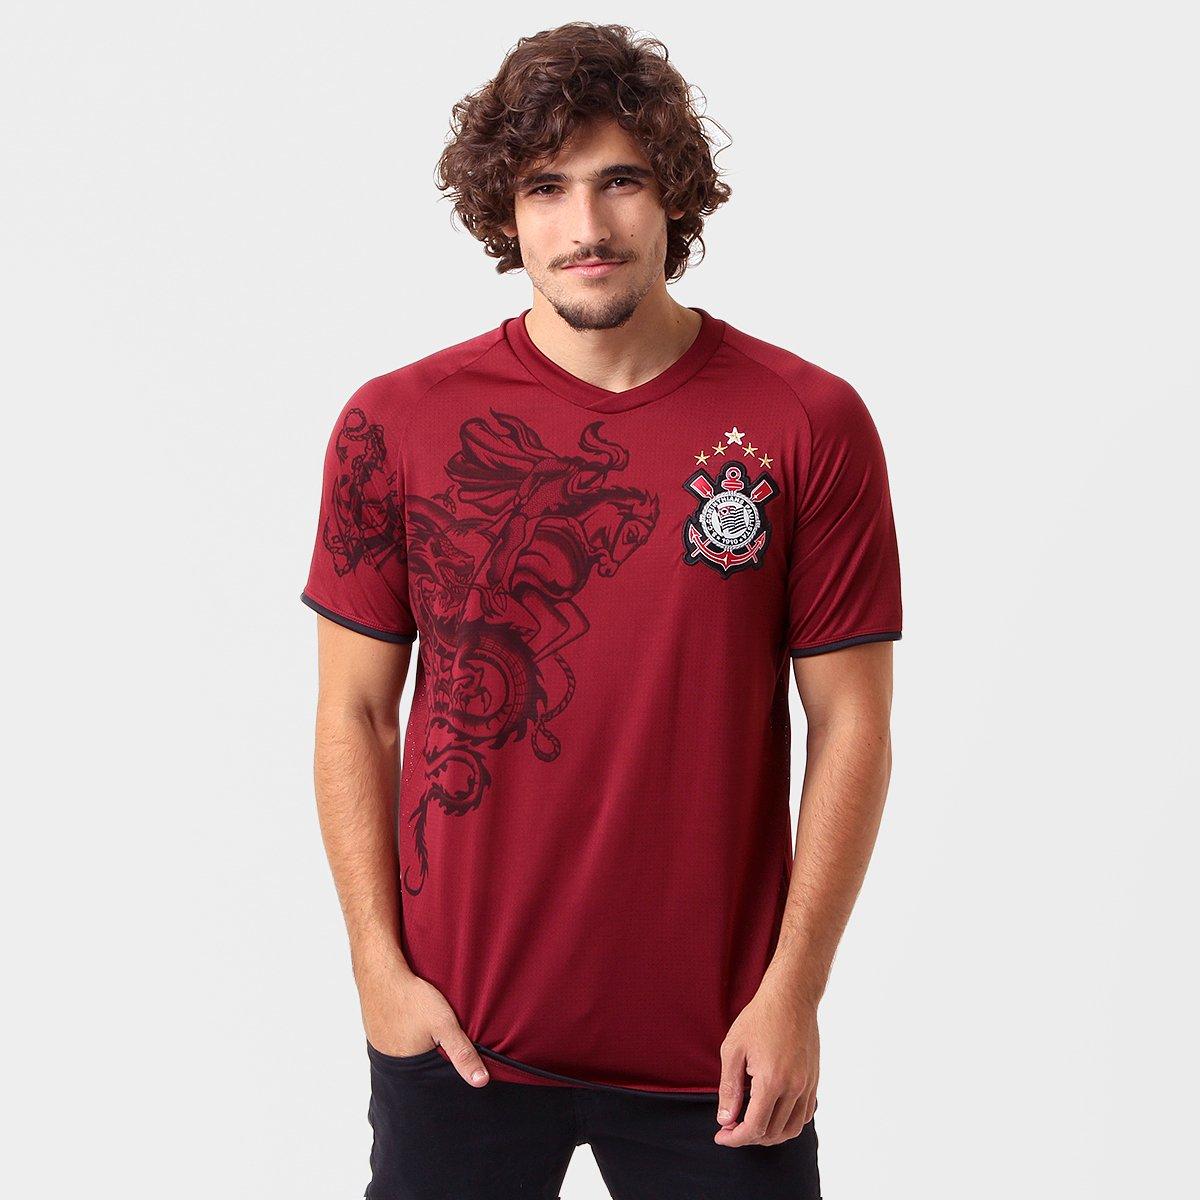 Camiseta Corinthians Réplica 2011 Grena Masculina - Compre Agora ... 86ca529e33f98